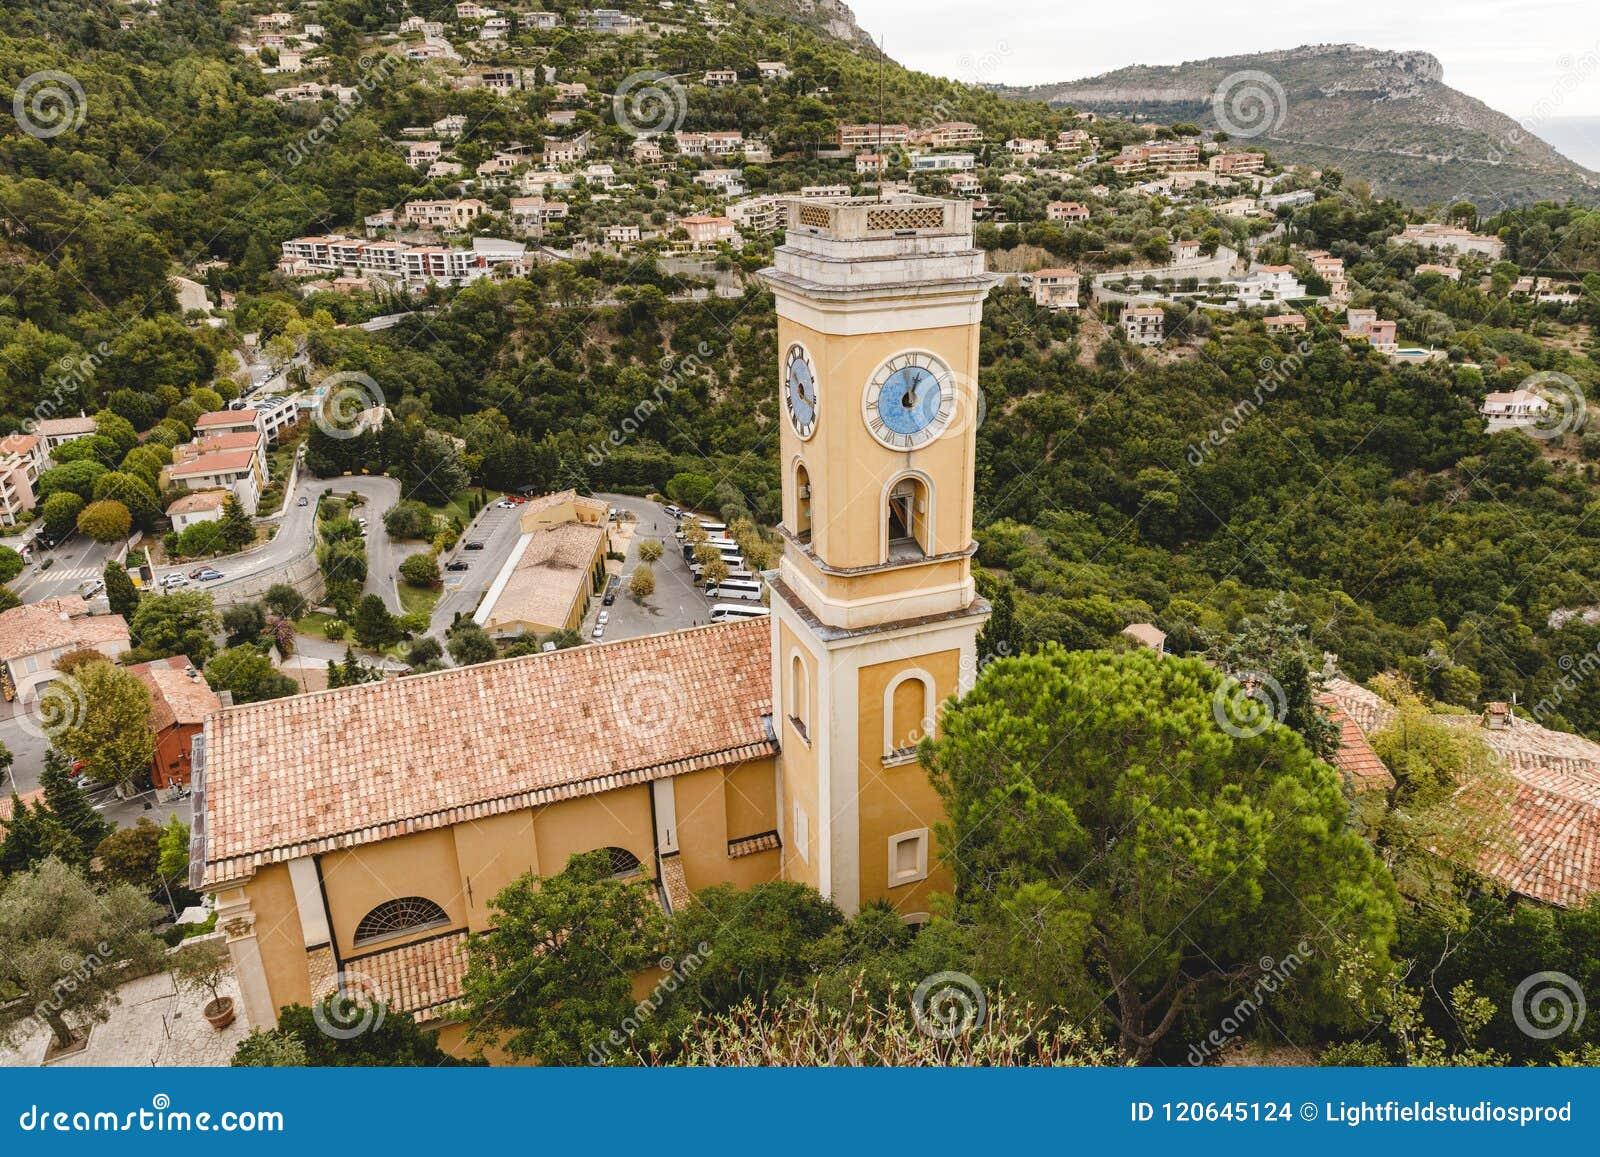 Flyg- sikt av kyrkan med klockatornet och klockan på den lilla europeiska staden på kullar,